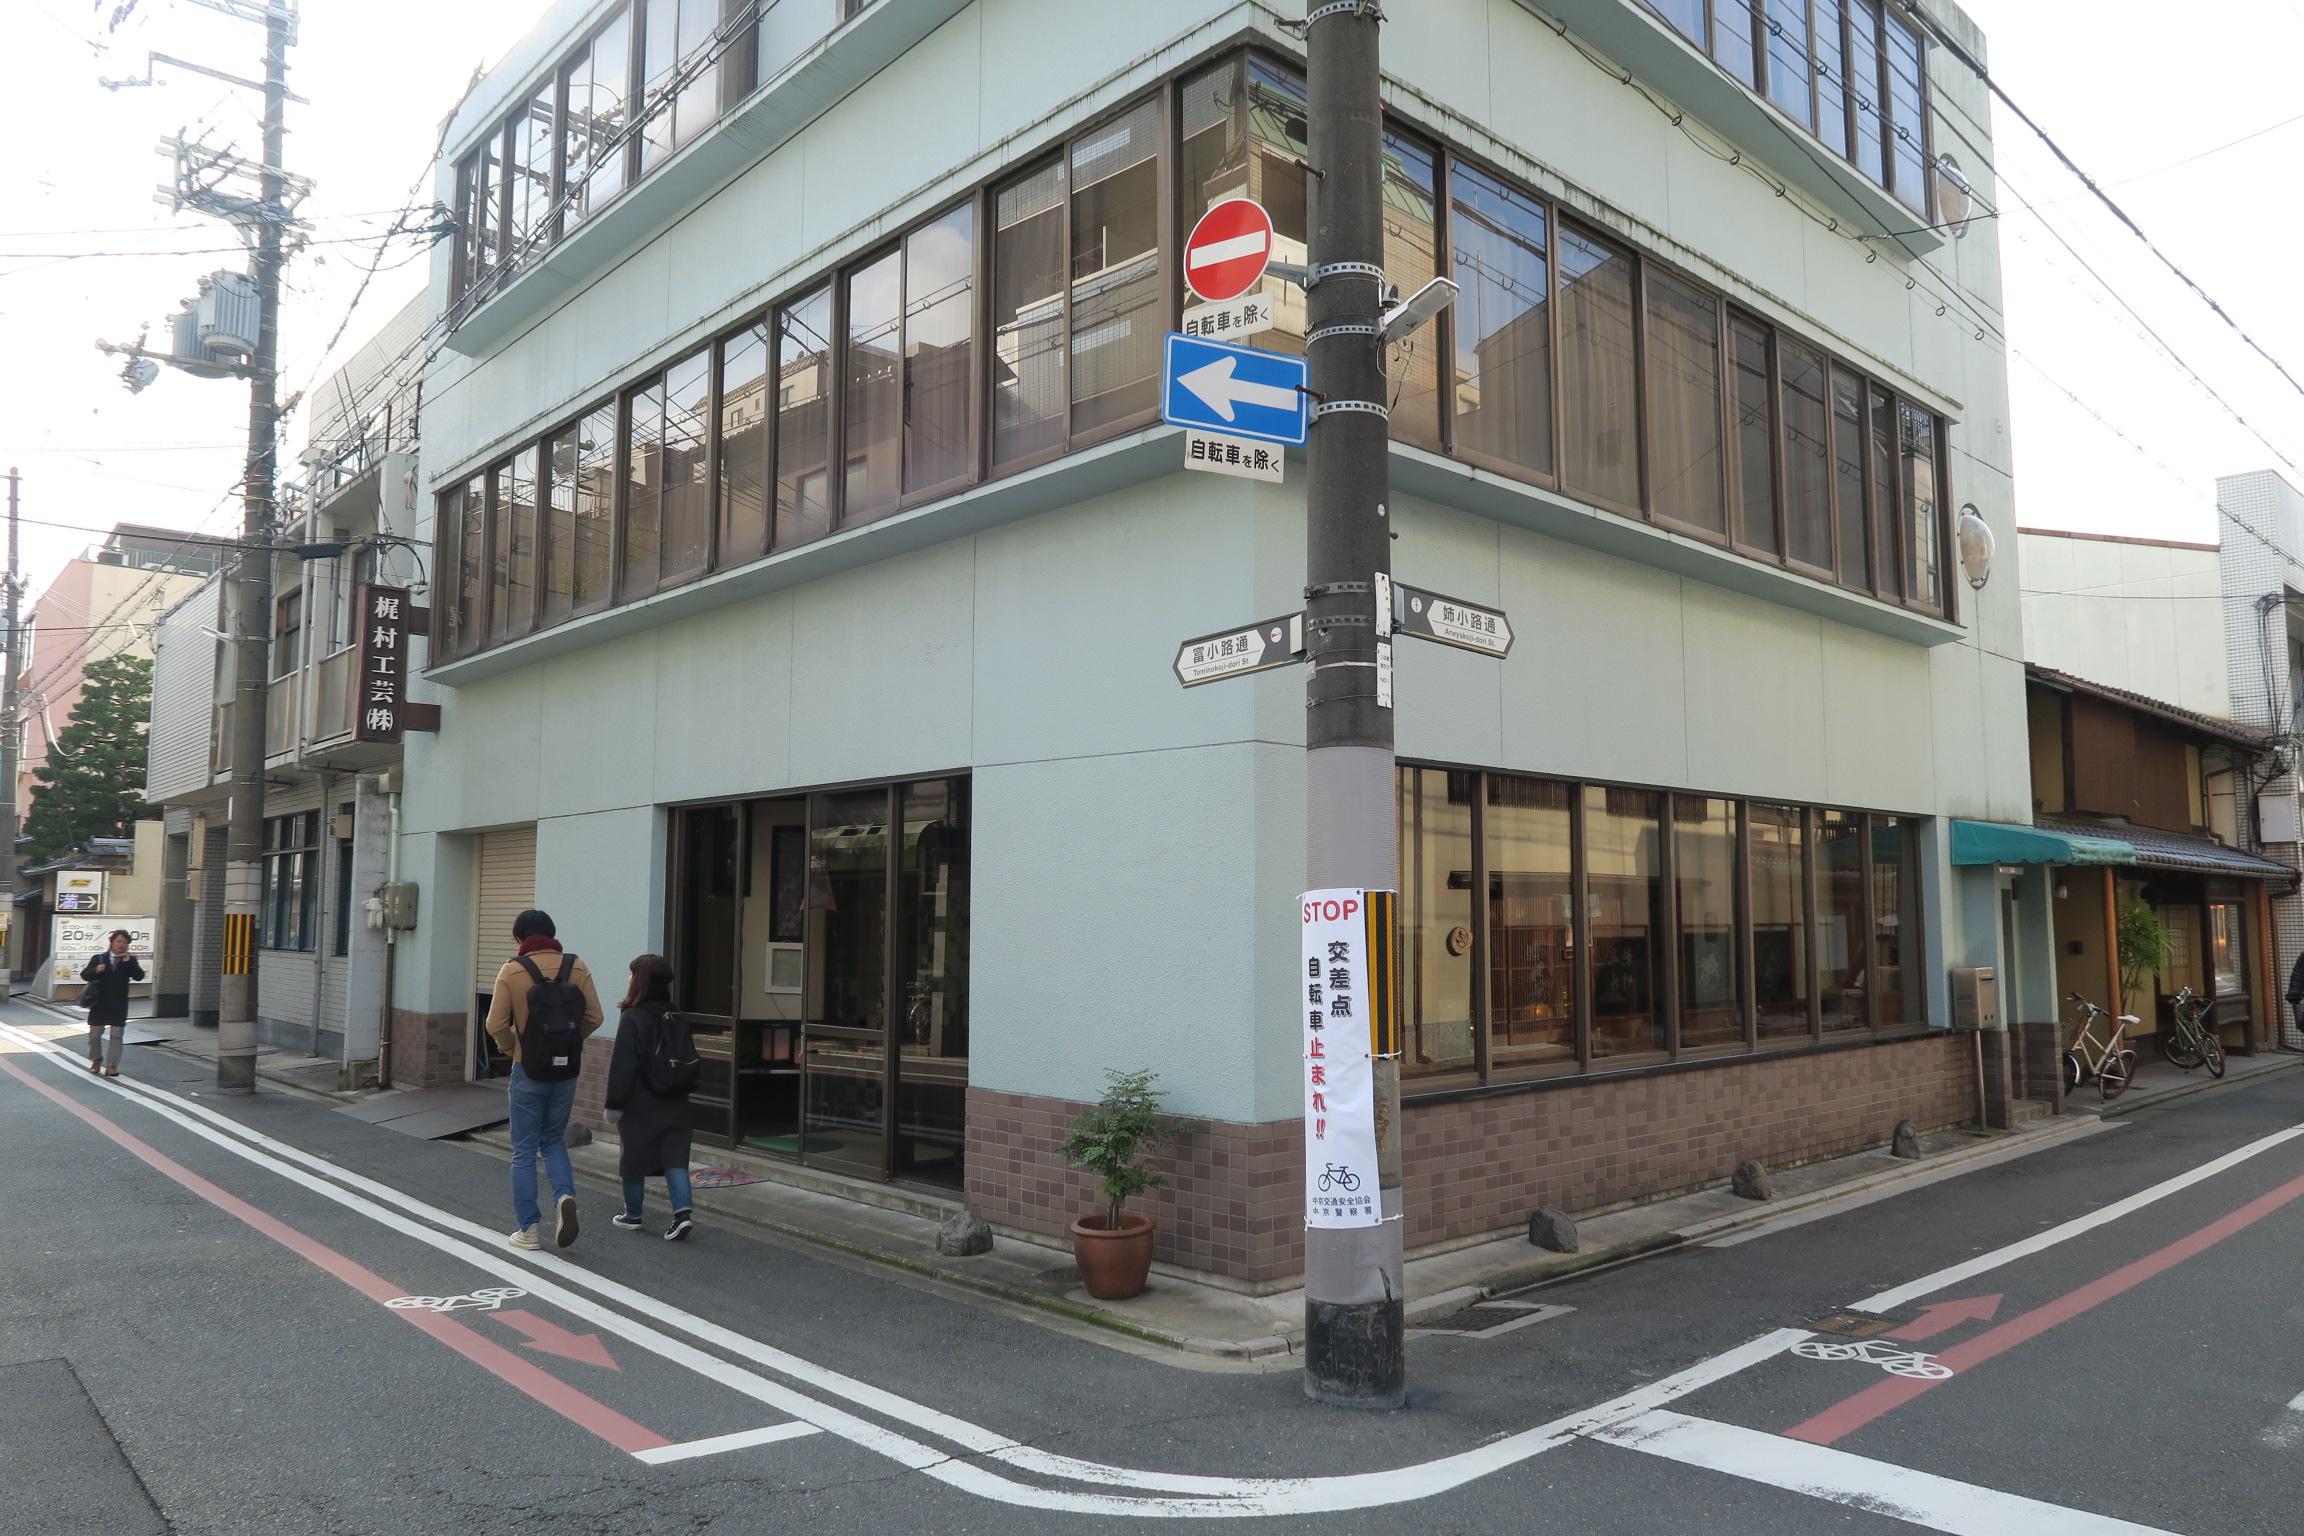 ガラス工芸店「梶村工芸」。NHK番組でも有名なベニシアさんも訪れて購入されたそうです。